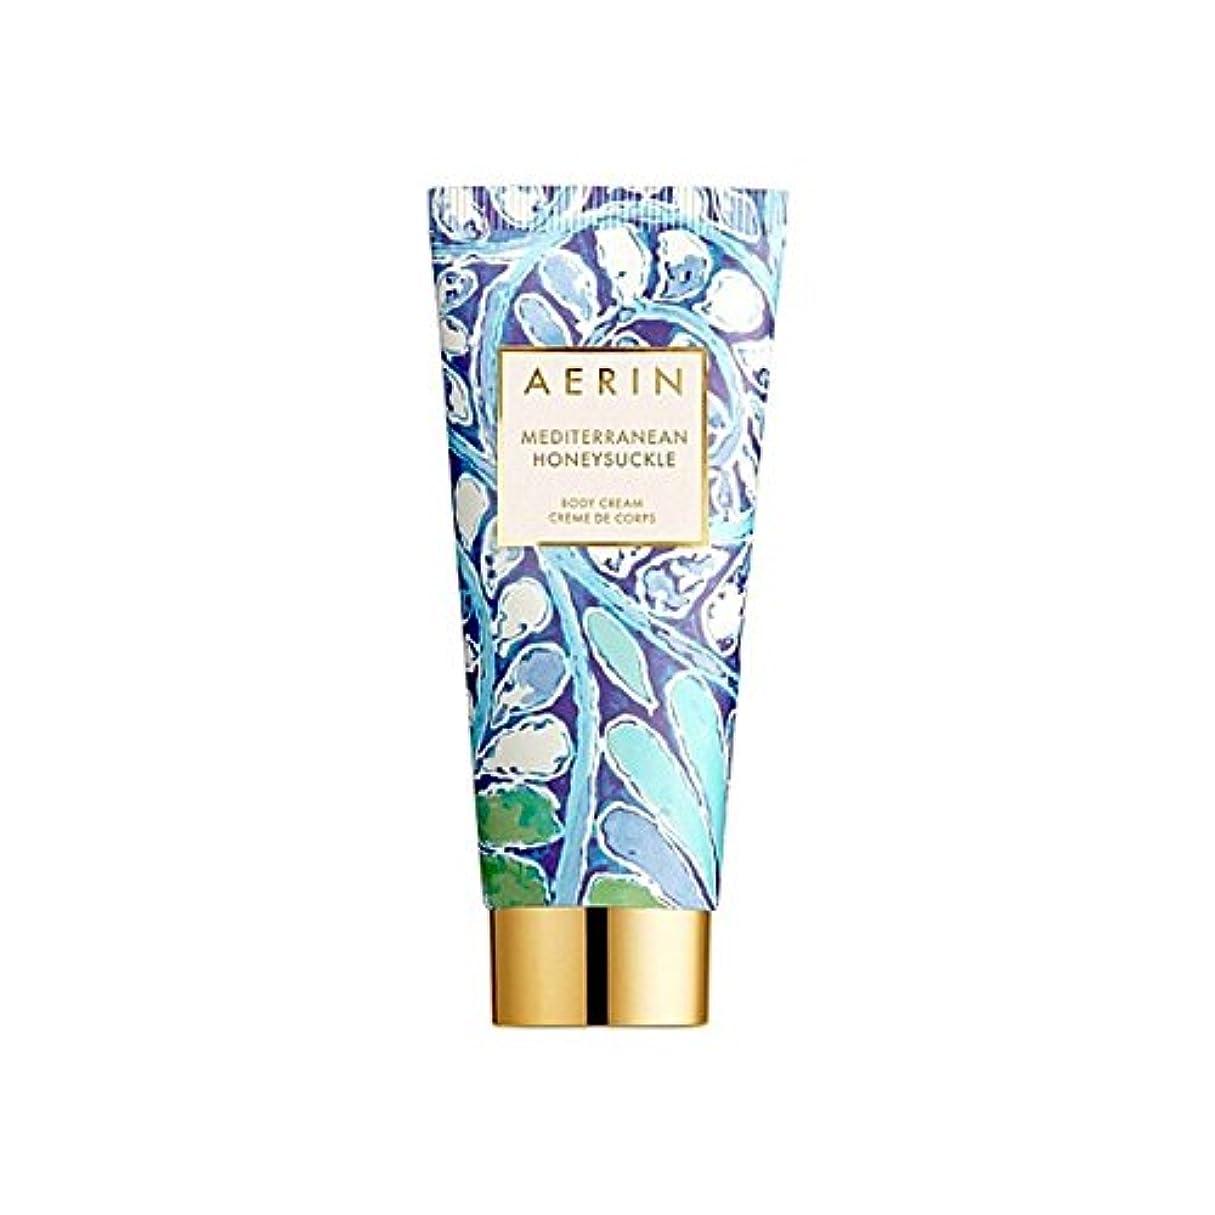 方法論護衛ヘリコプタースイカズラボディクリーム150ミリリットル x4 - Aerin Mediterrenean Honeysuckle Body Cream 150ml (Pack of 4) [並行輸入品]